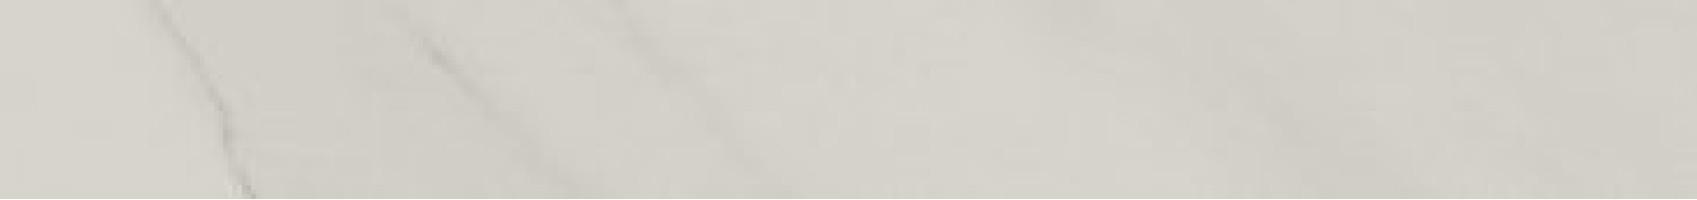 Бордюр 610090001906 Allure Gioia Listello Lap 7.2Х59 Atlas Concorde Russia